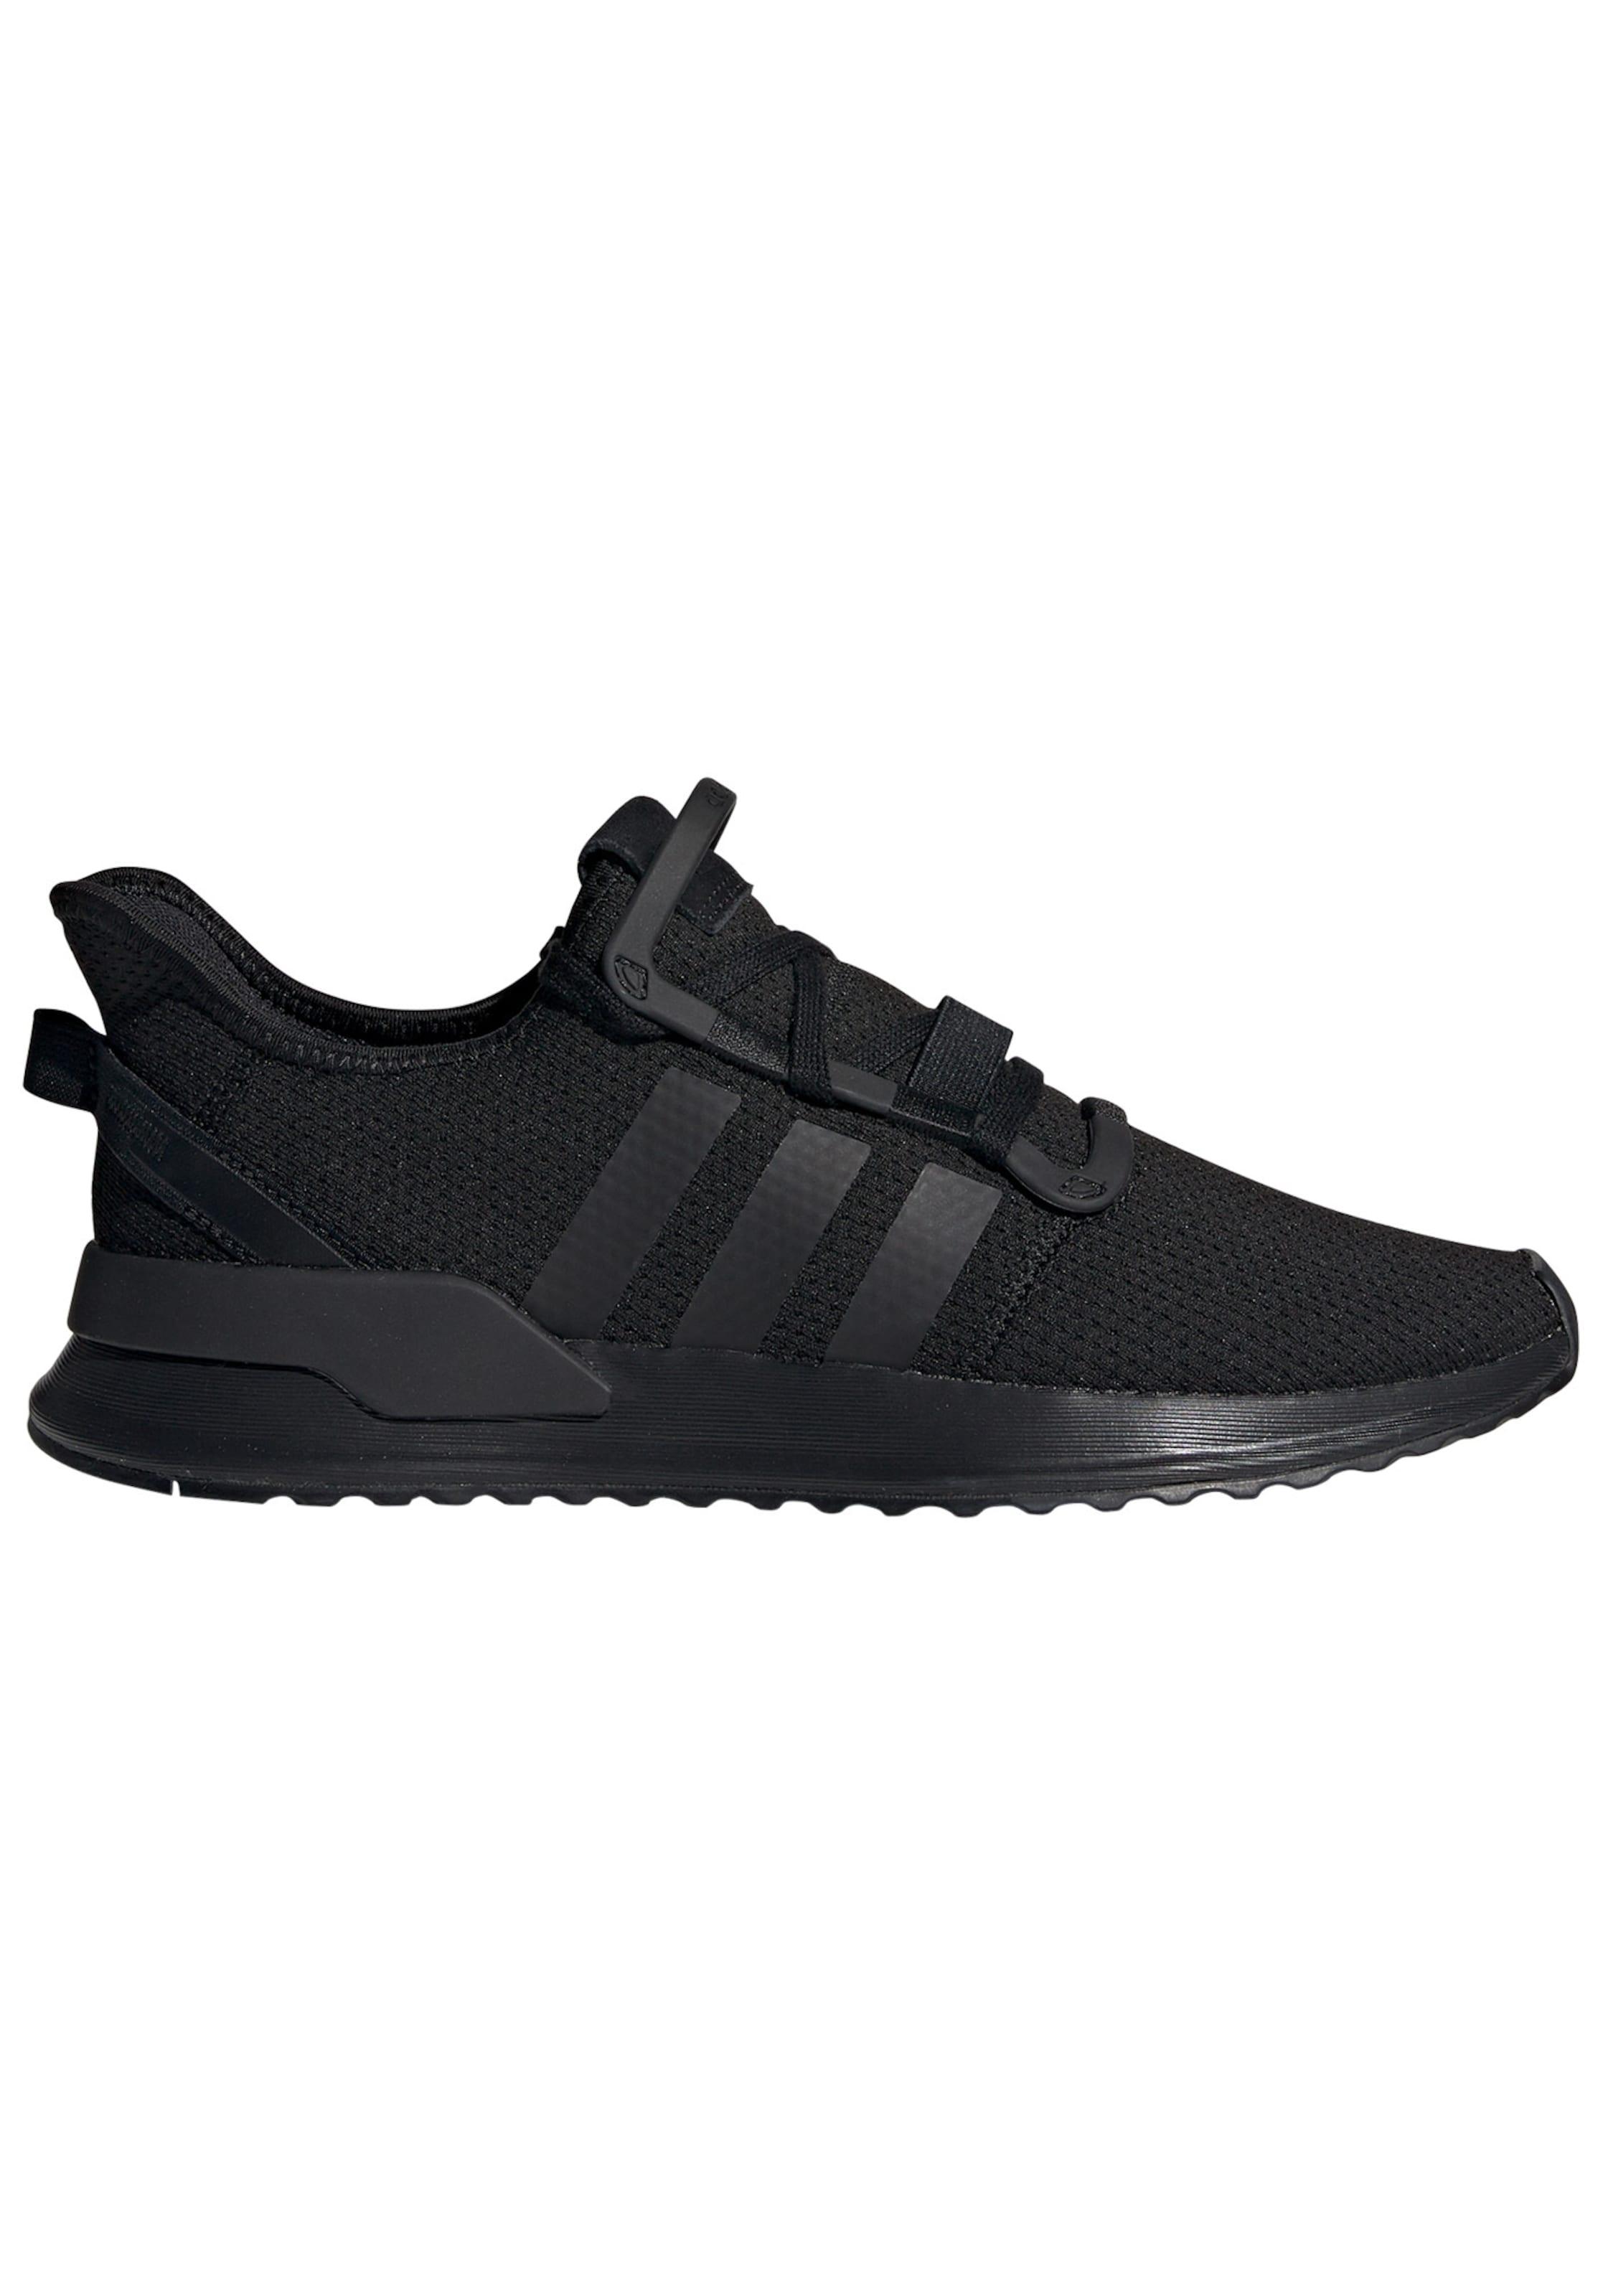 Reebok Classic Leather Spirit Sneaker Damen schwarz im Online Shop von SportScheck kaufen